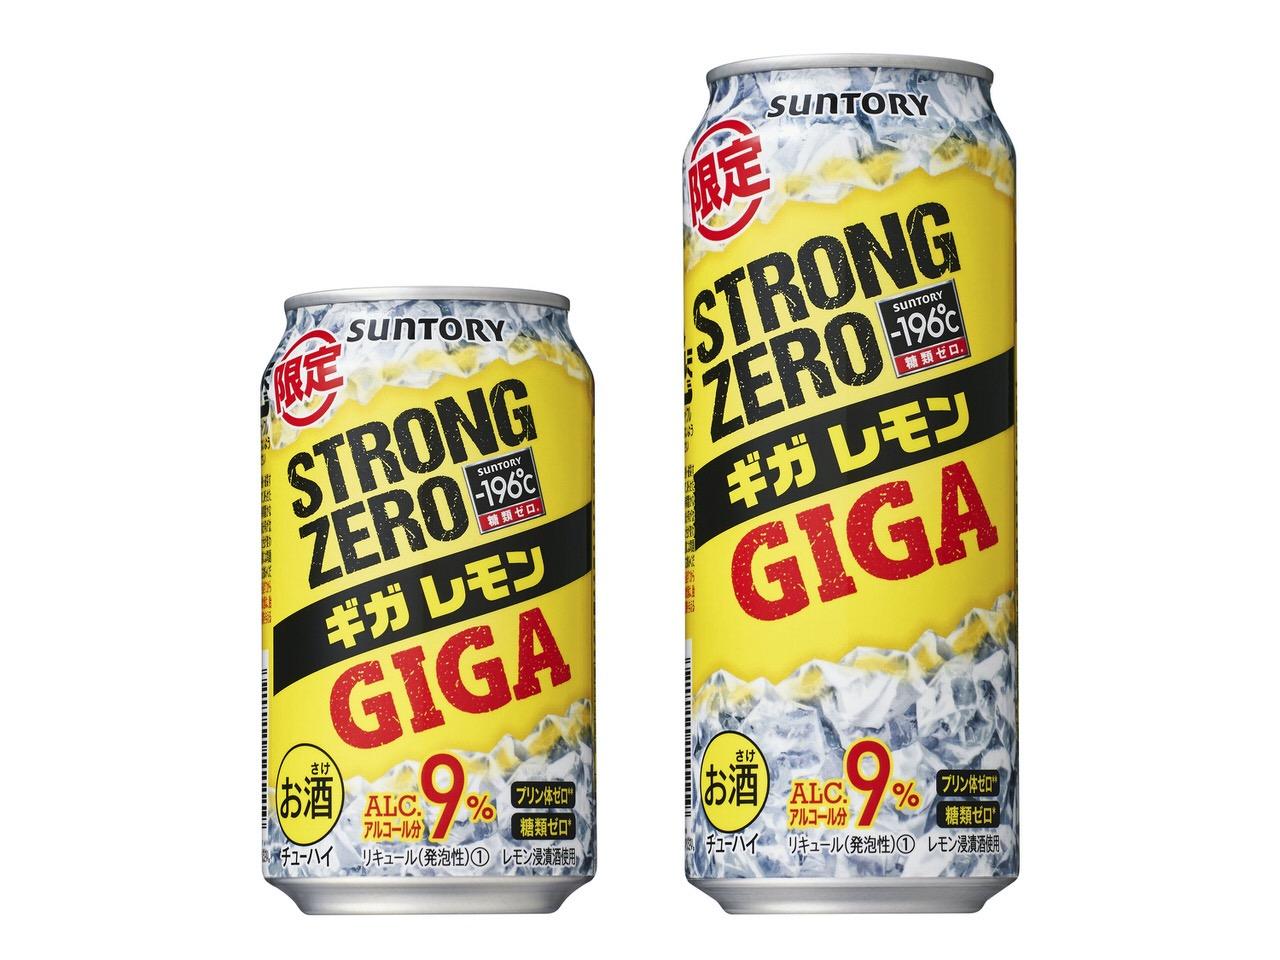 ギガ級のレモン感「-196℃ ストロングゼロ〈ギガレモン〉」11月24日より発売開始